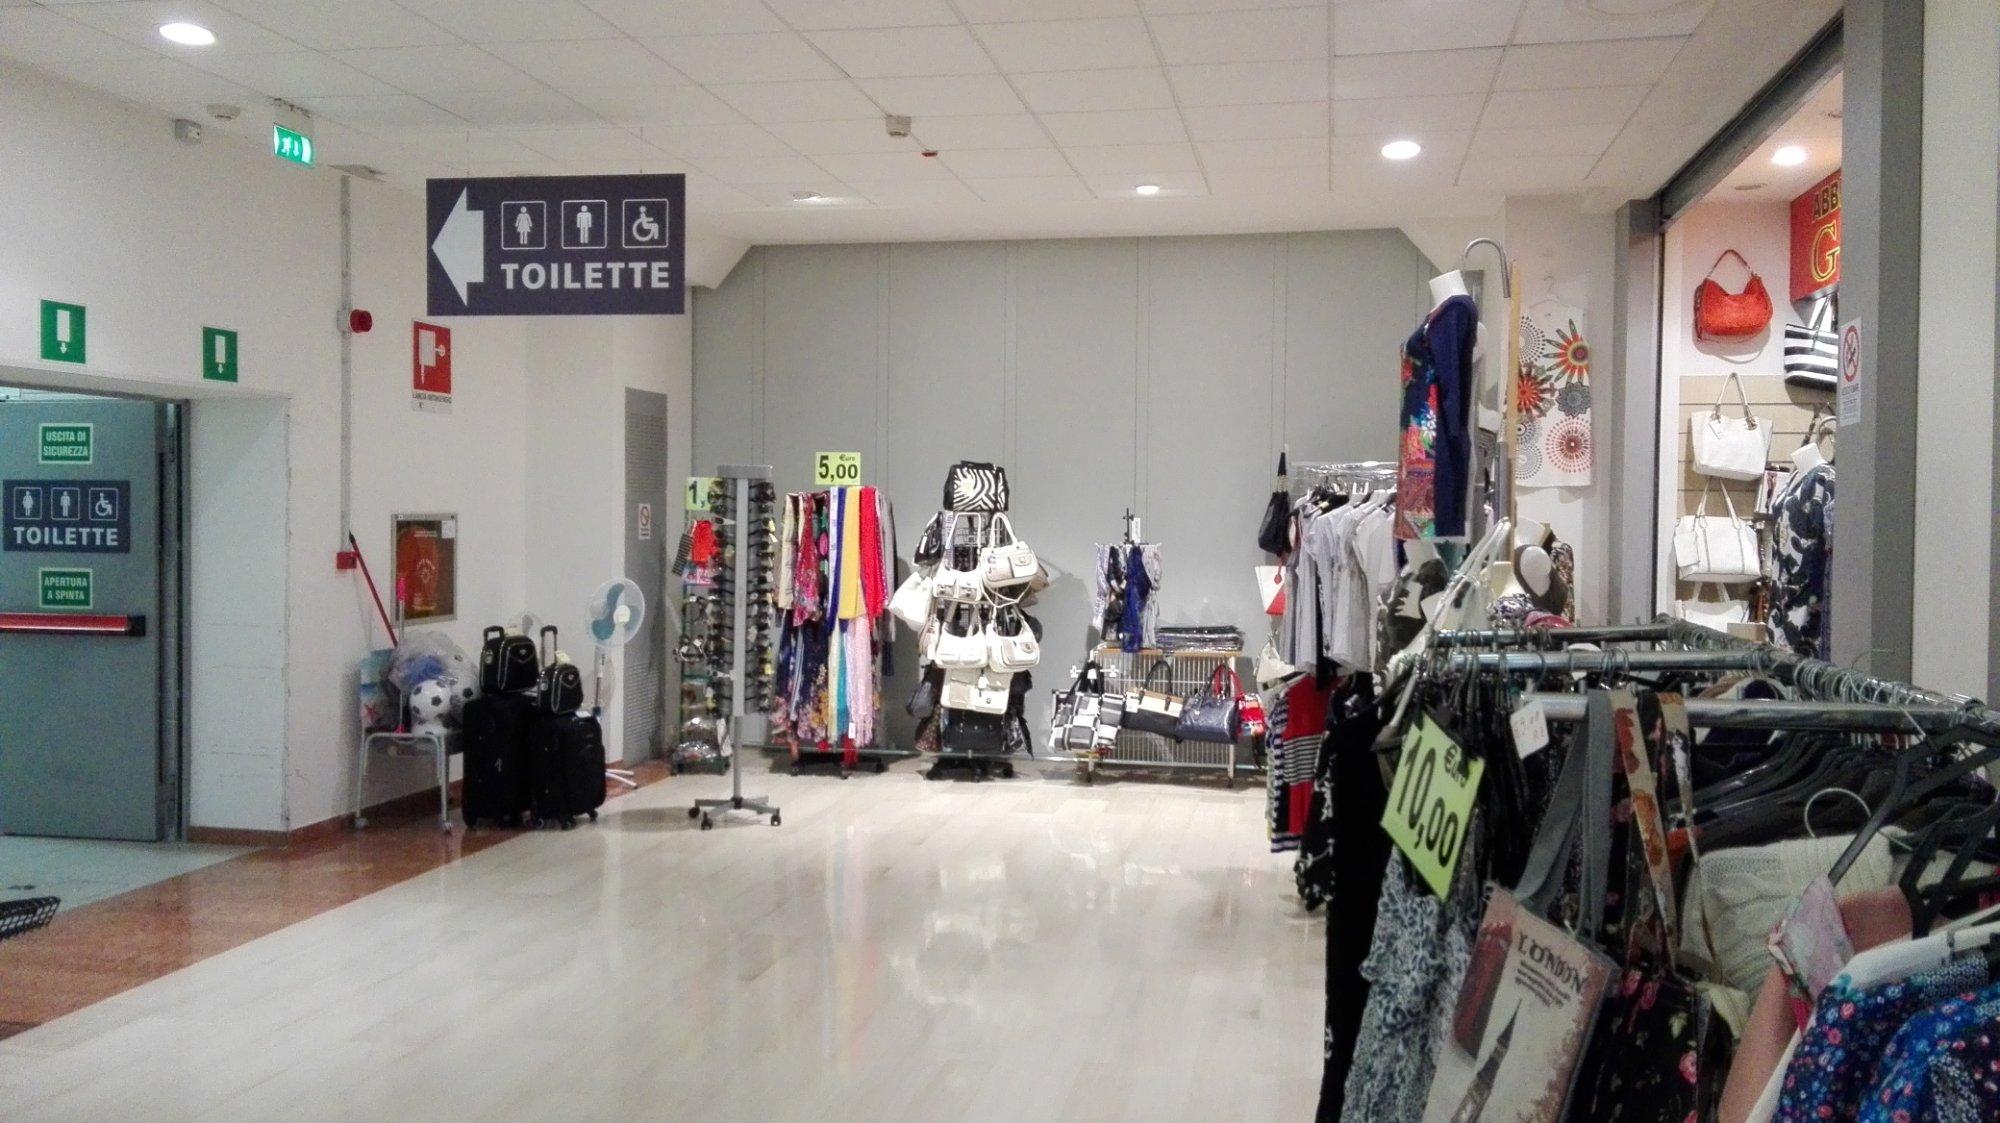 Centro Commerciale Alpe Adria